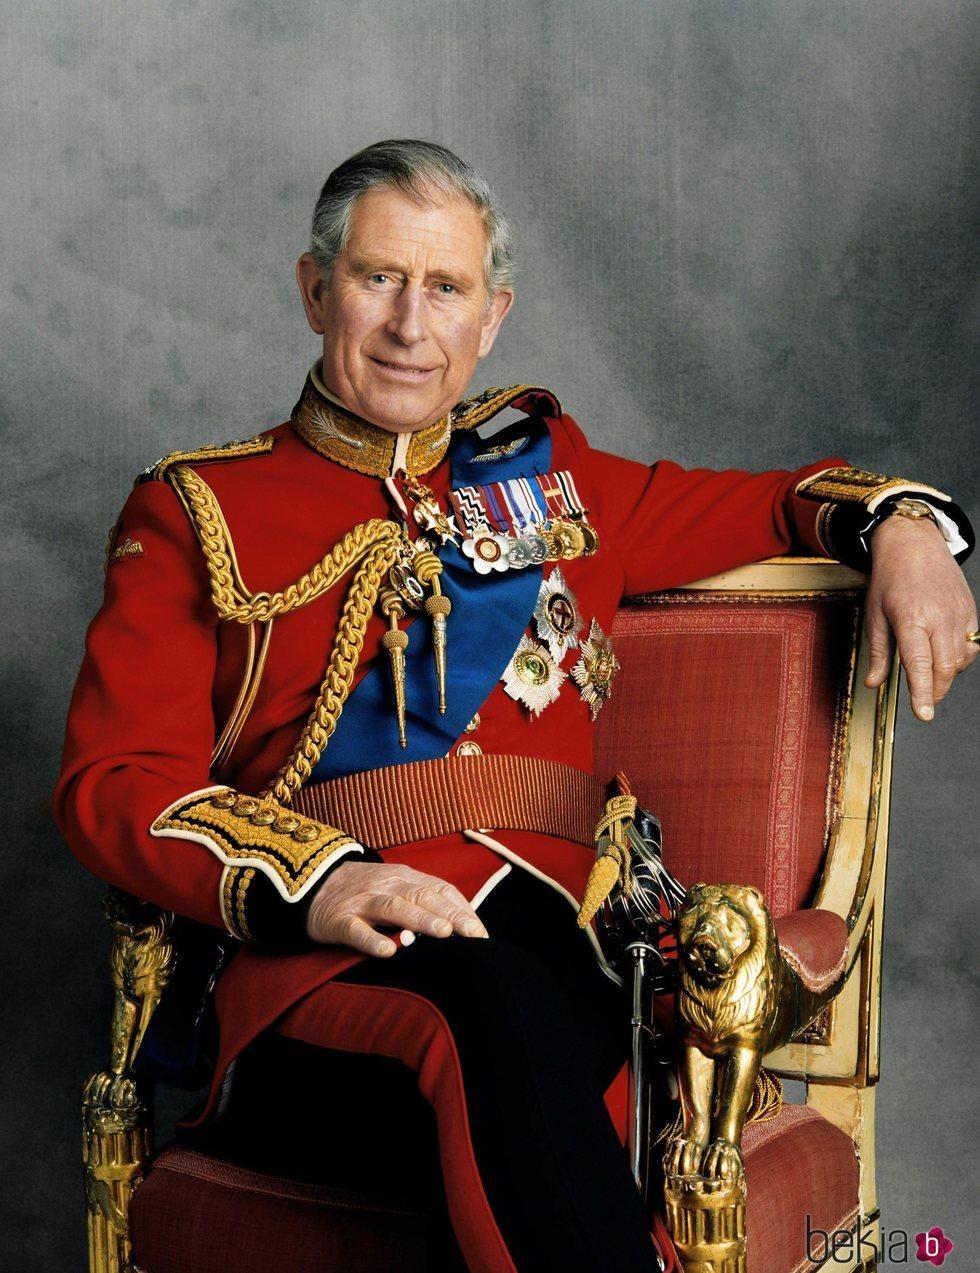 Retrato oficial del Príncipe Carlos